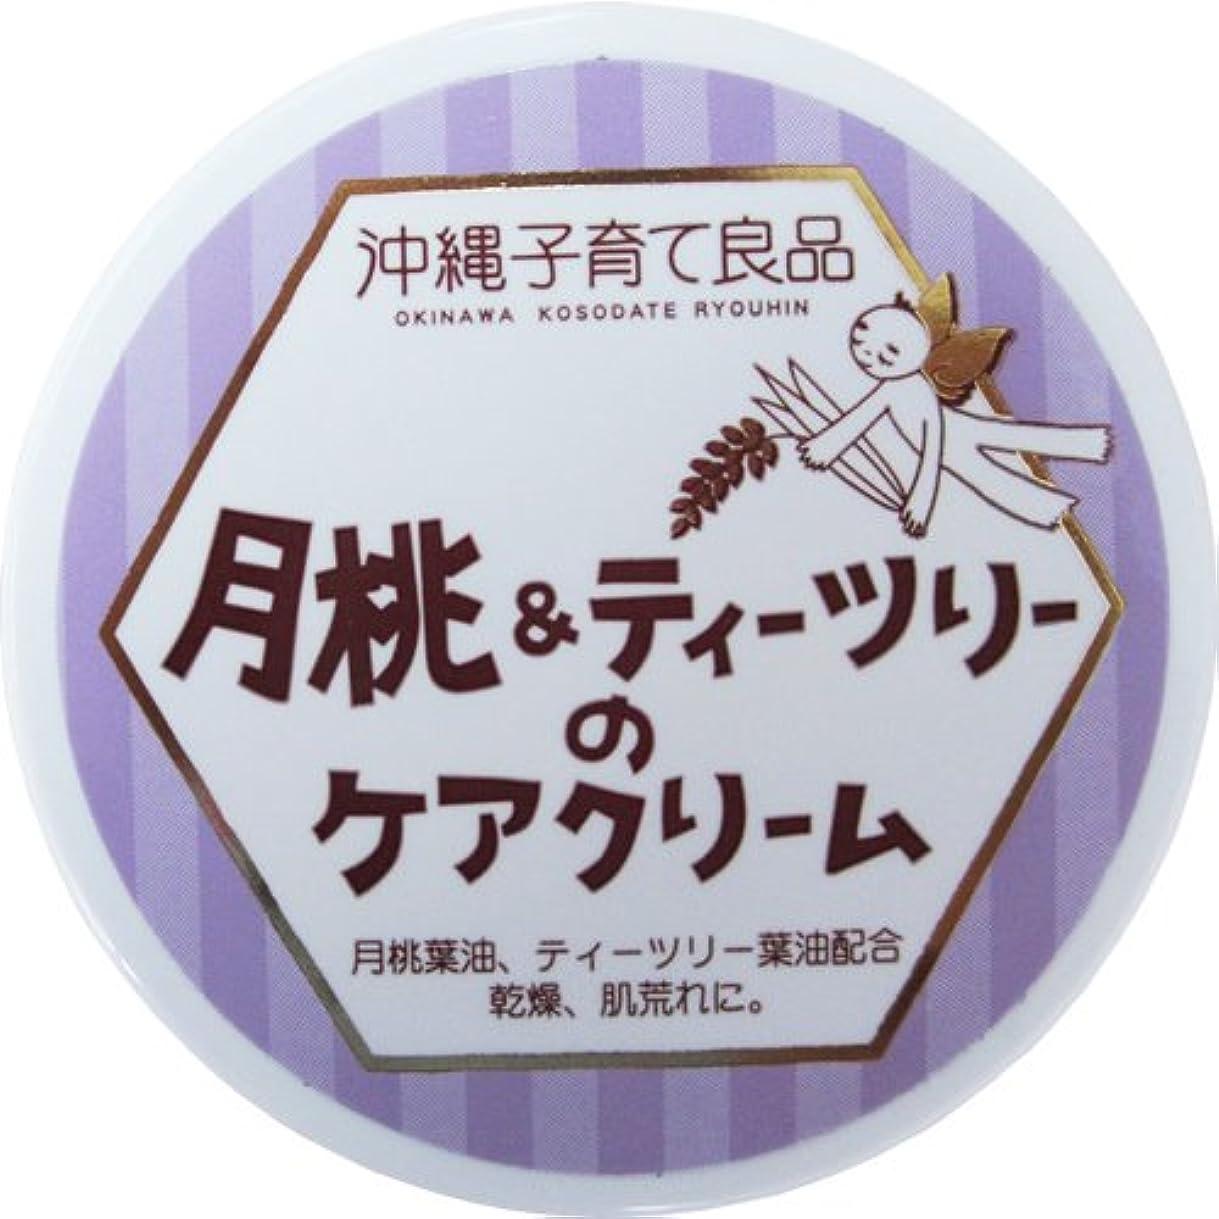 地域変化名誉沖縄子育て良品 月桃&ティツリーのケアクリーム (25g)